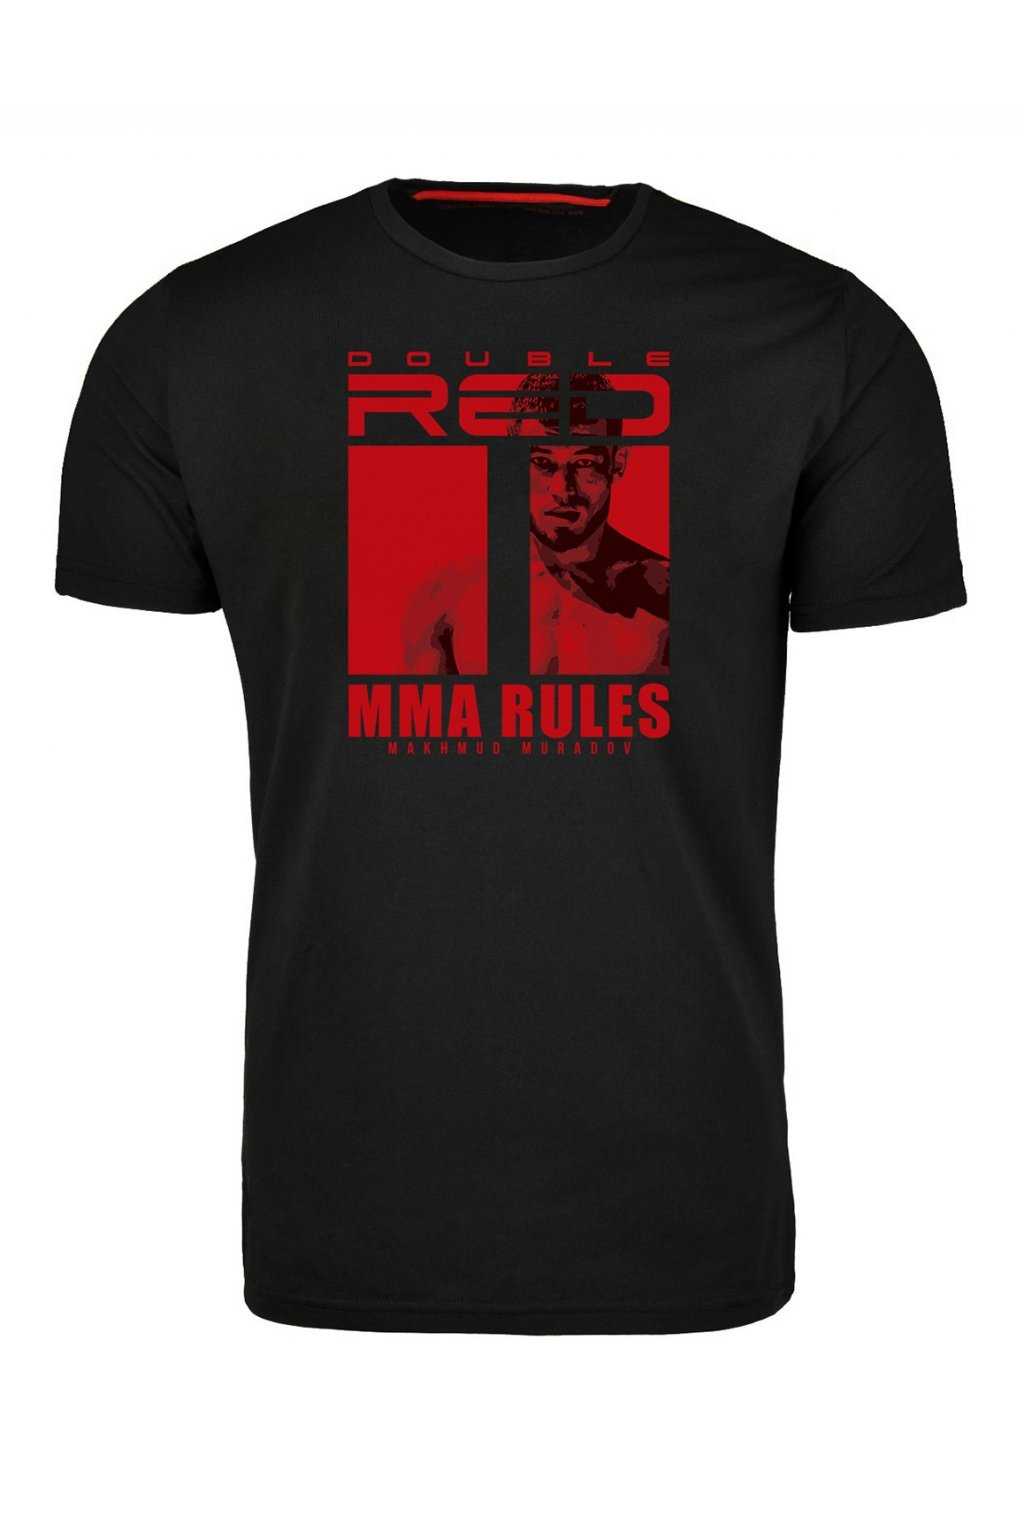 Double Red pánské triko MMA RULES MAKHMUD MURADOV Black obr1